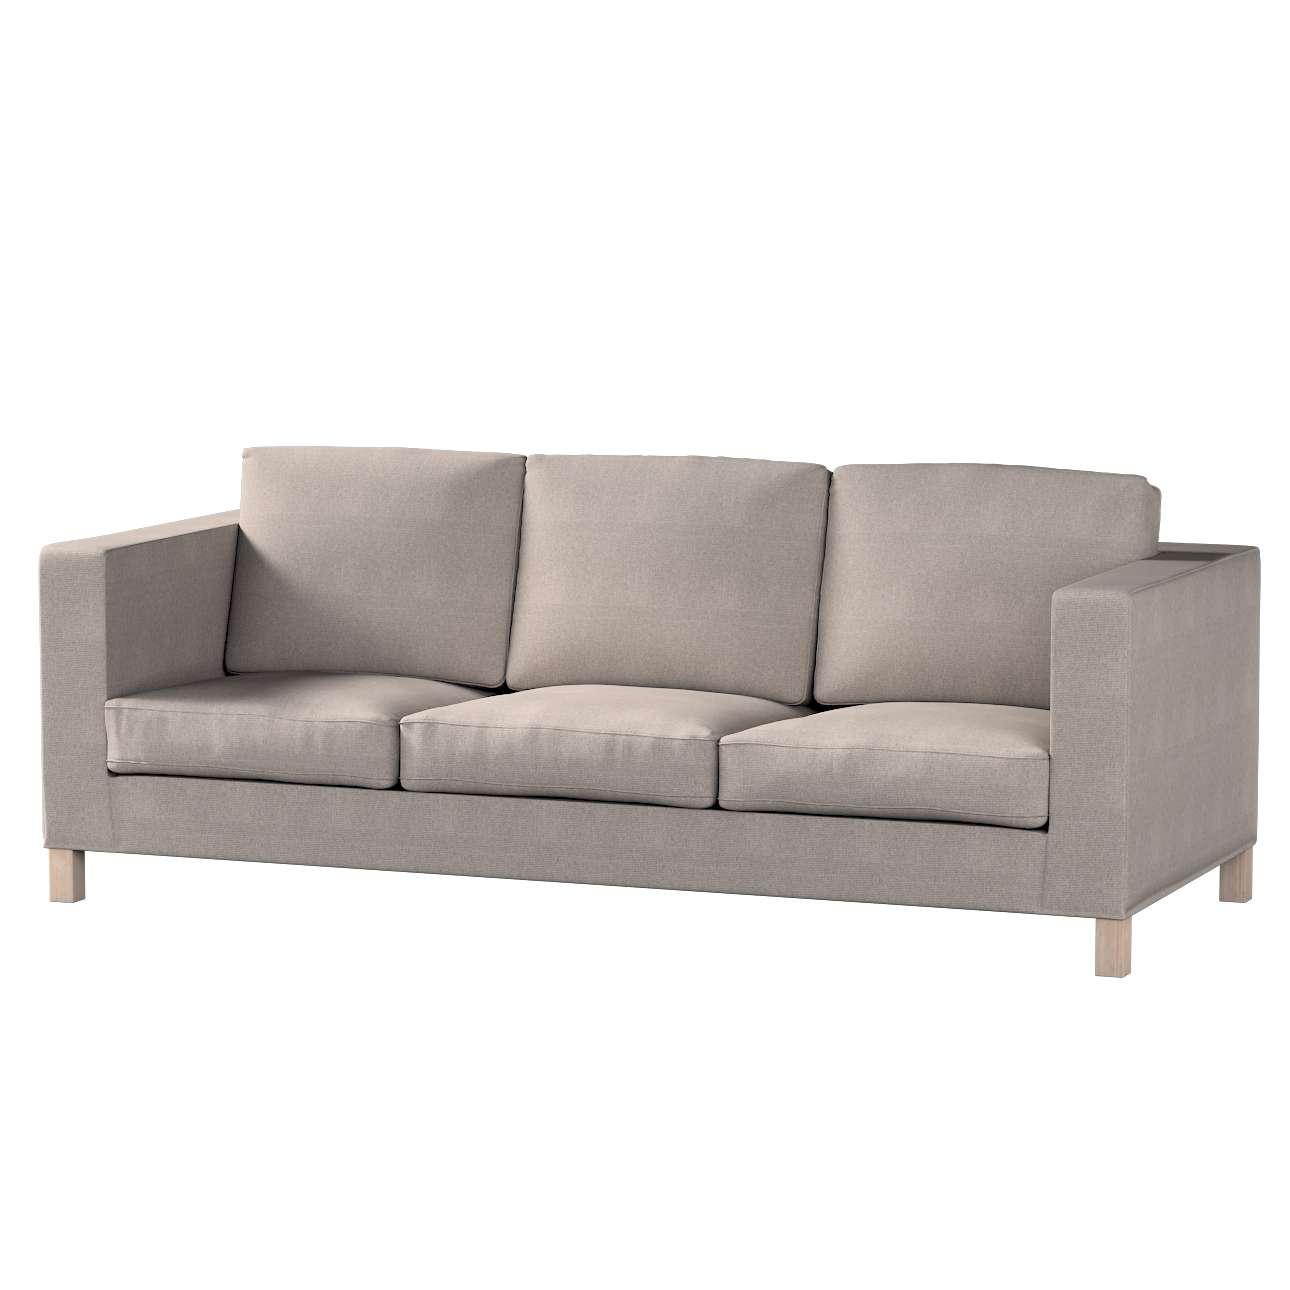 Karlanda 3-Sitzer  Sofabezug nicht ausklappbar kurz Karlanda 3-Sitzer, kurz von der Kollektion Etna, Stoff: 705-09